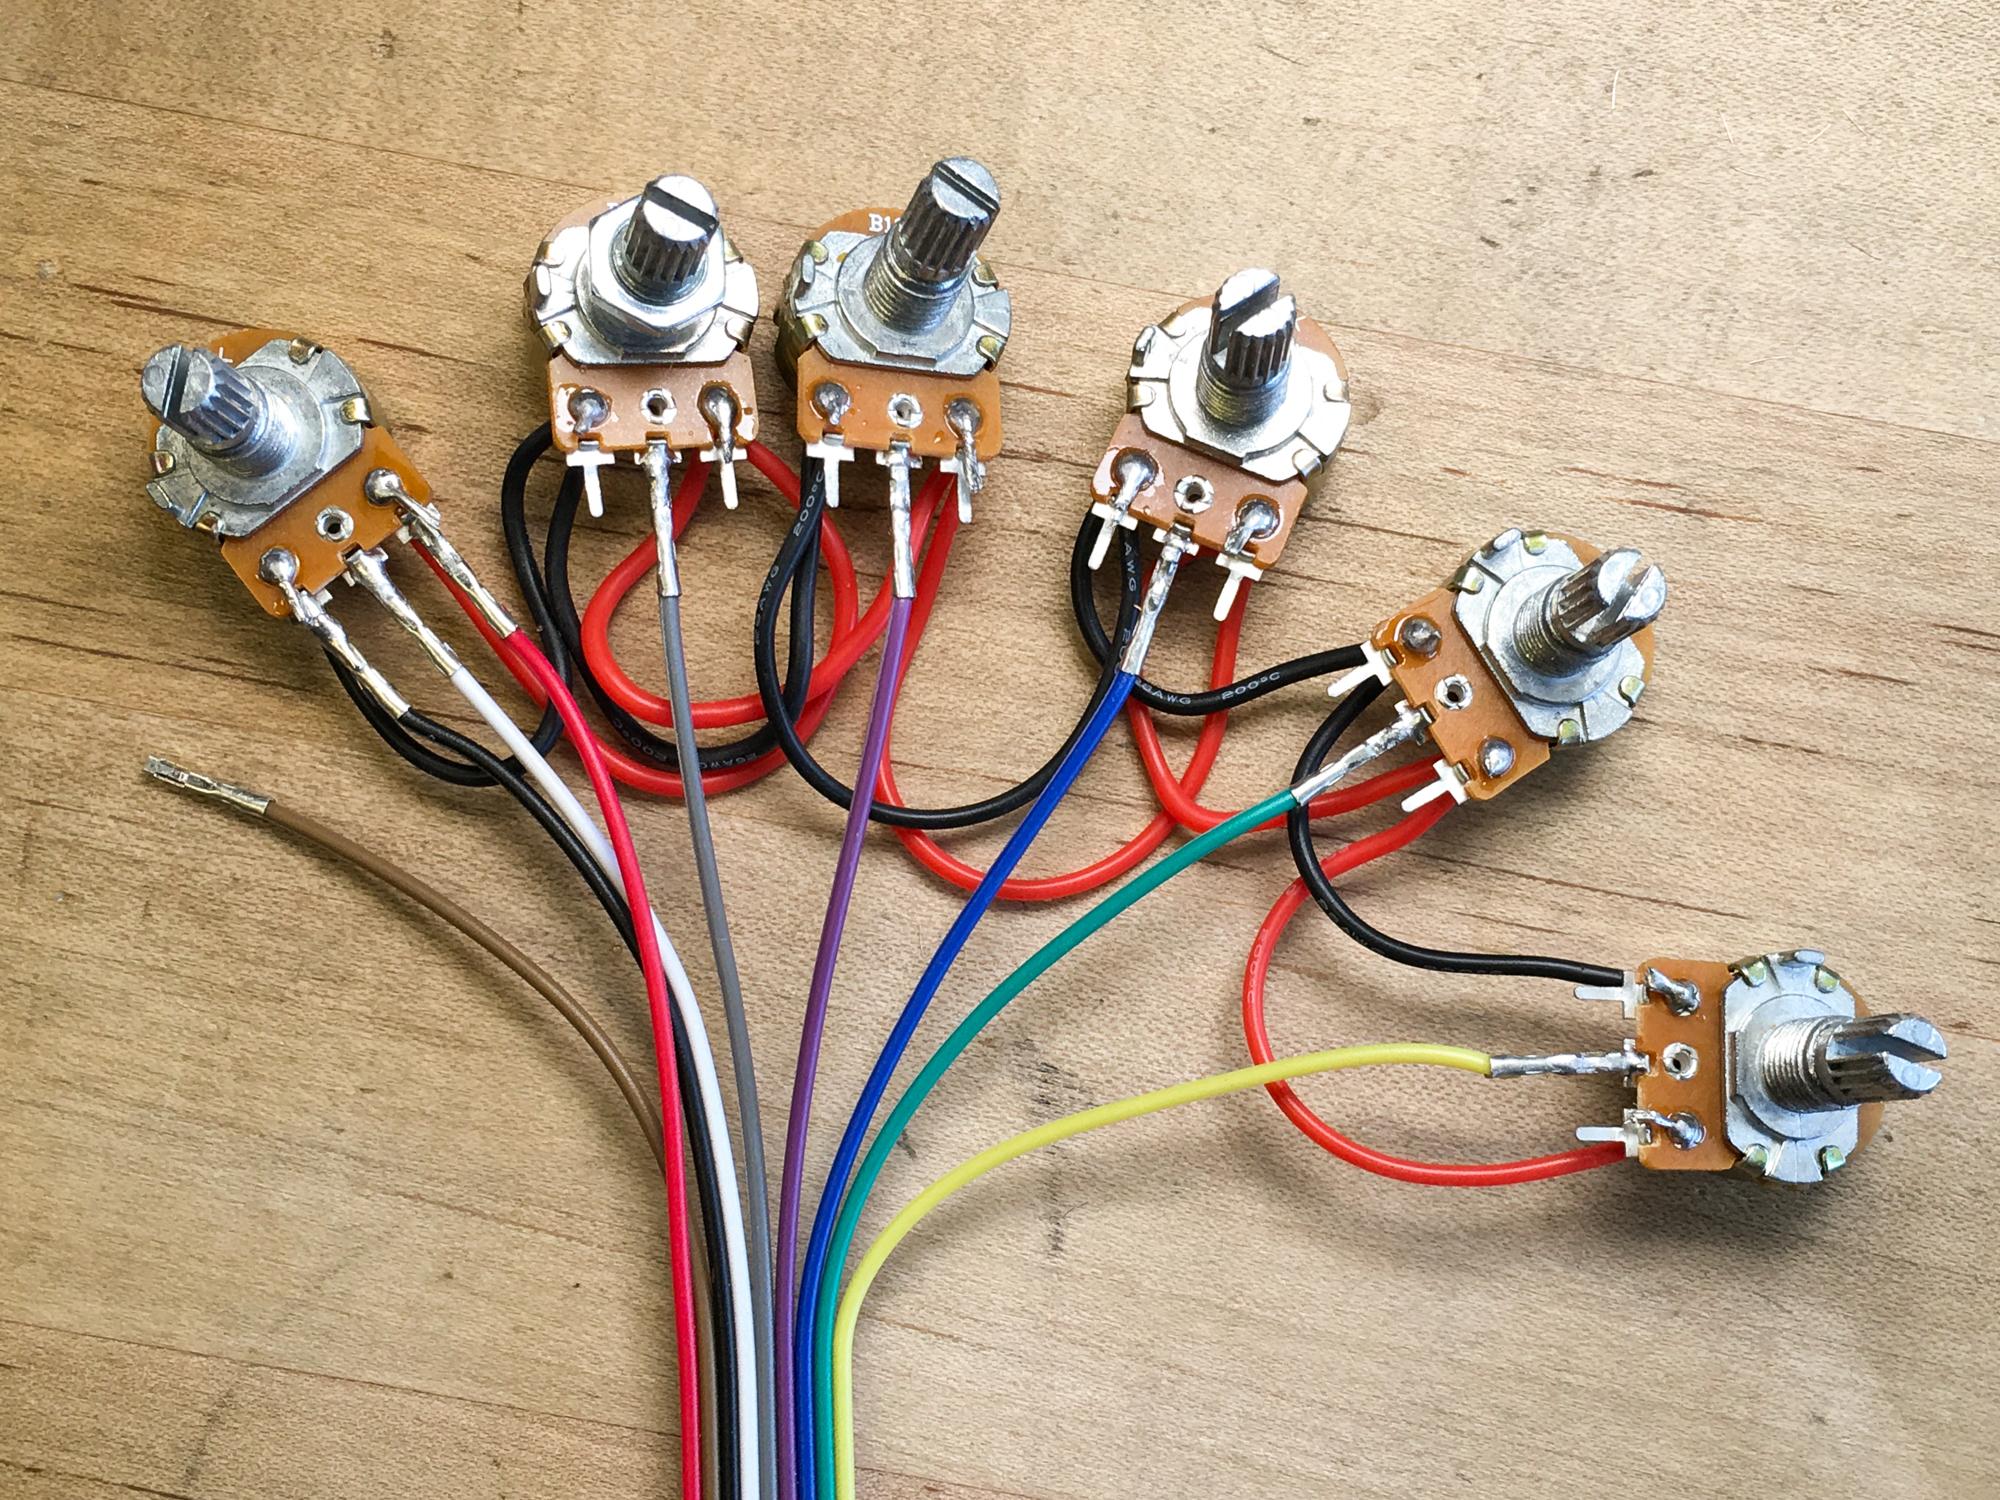 microcontrollers_IMG_2034_2k.jpg